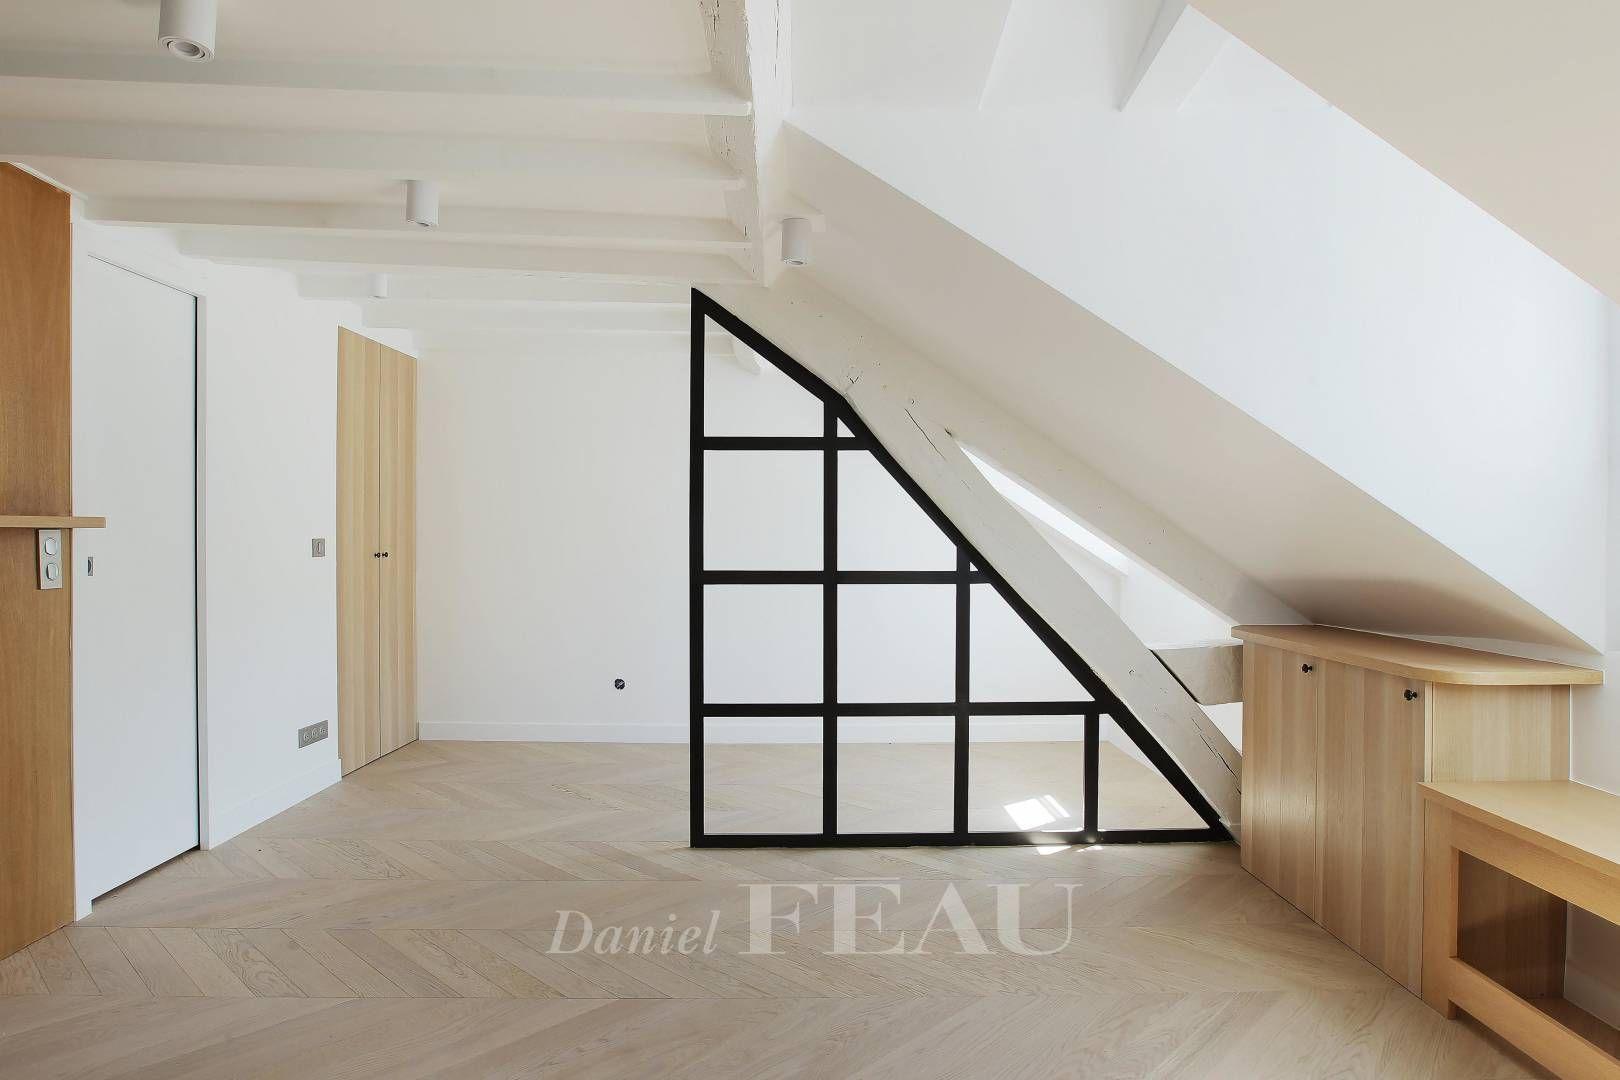 Apartment For Sale Paris 6th 75006 1 Room 27 M Ref 3948019 In 2020 Apartments For Sale Apartment Layout Apartment